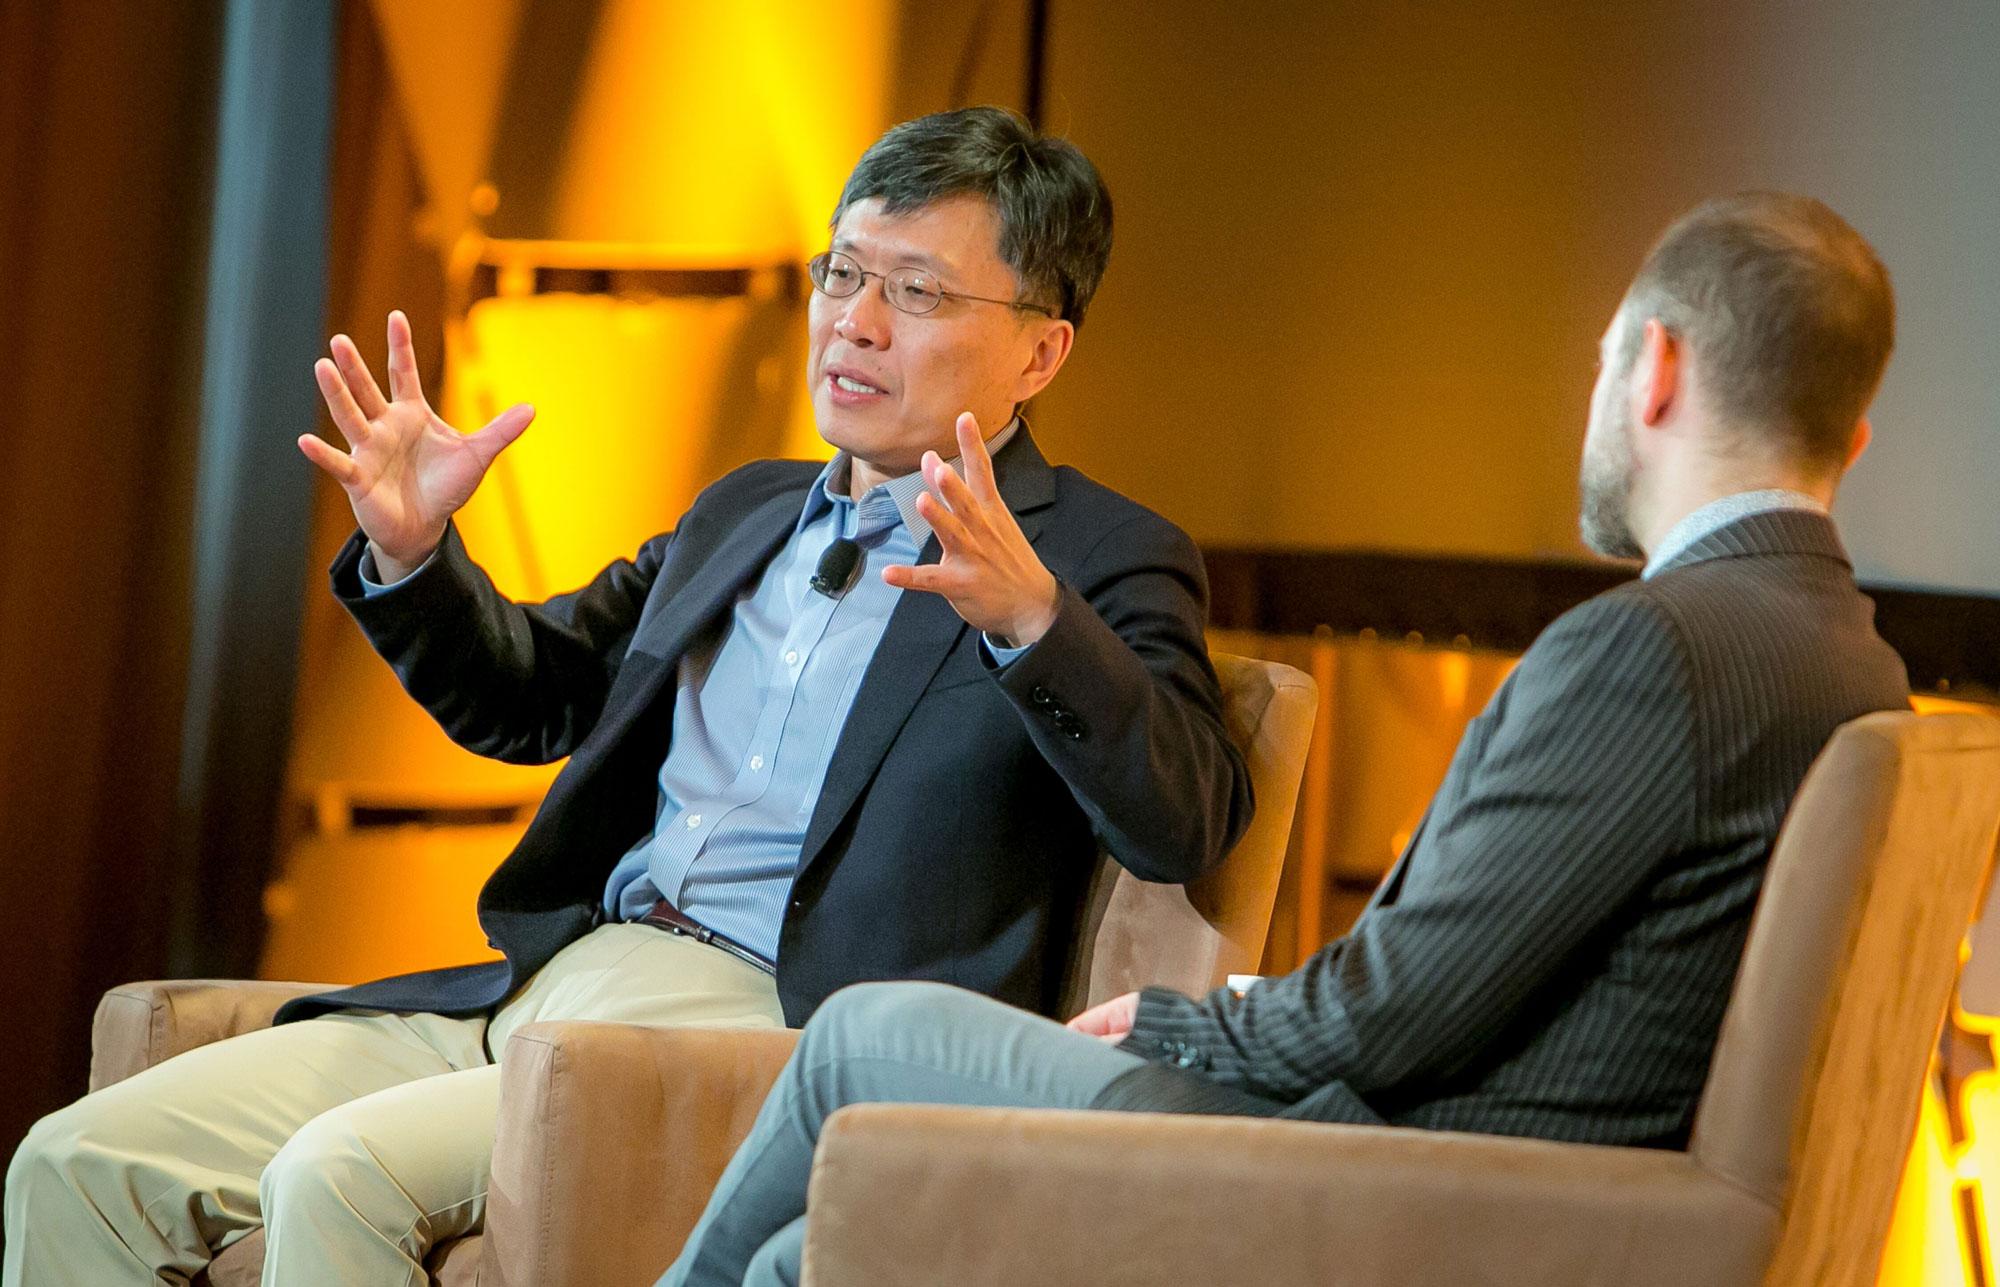 Microsoft pide al resto de gigantes que se responsabilicen de sus tecnologías